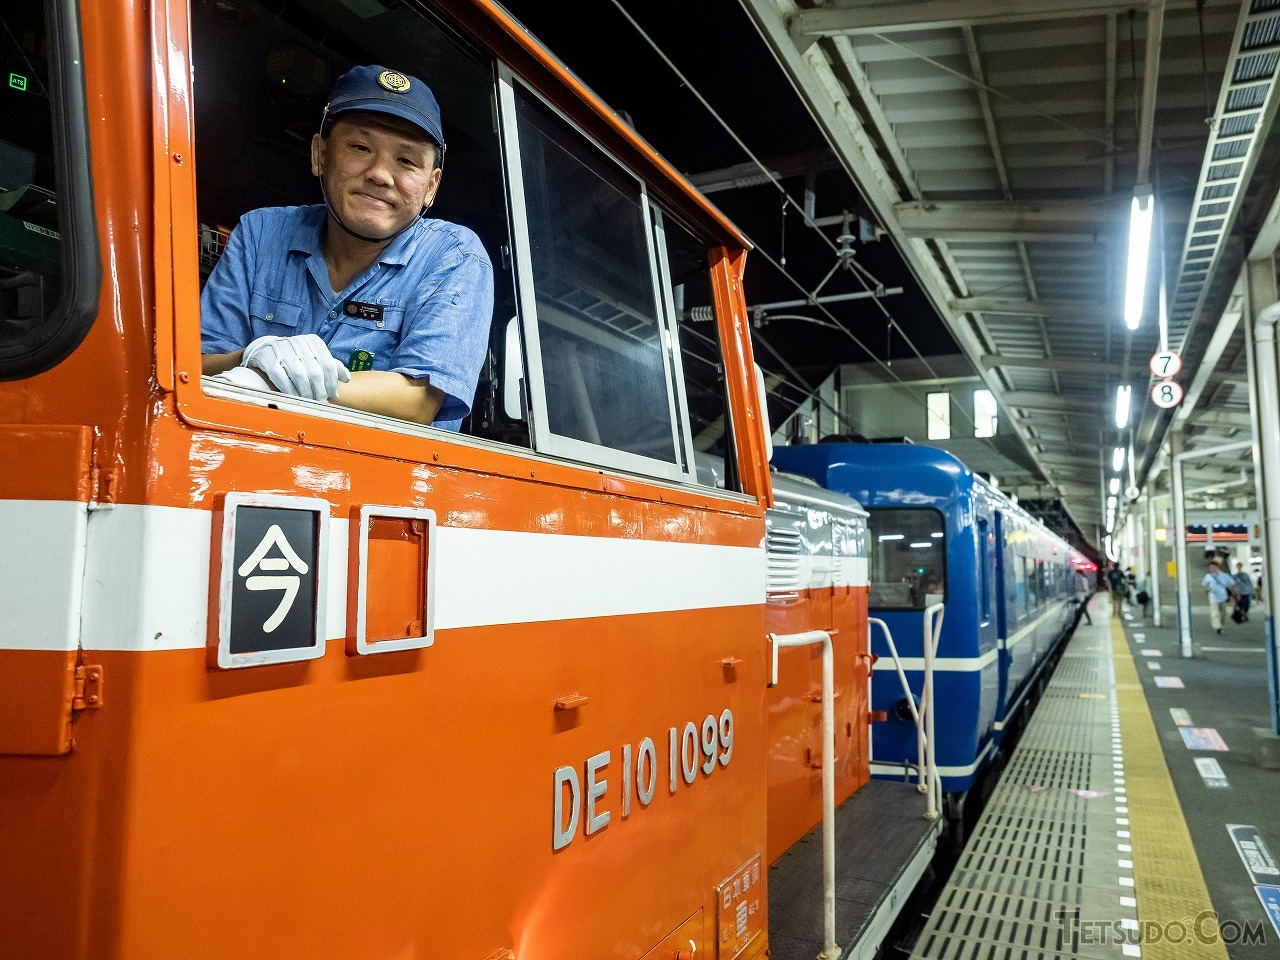 下今市機関区所属のDE10形1099号機はJR東日本から譲渡された機関車です